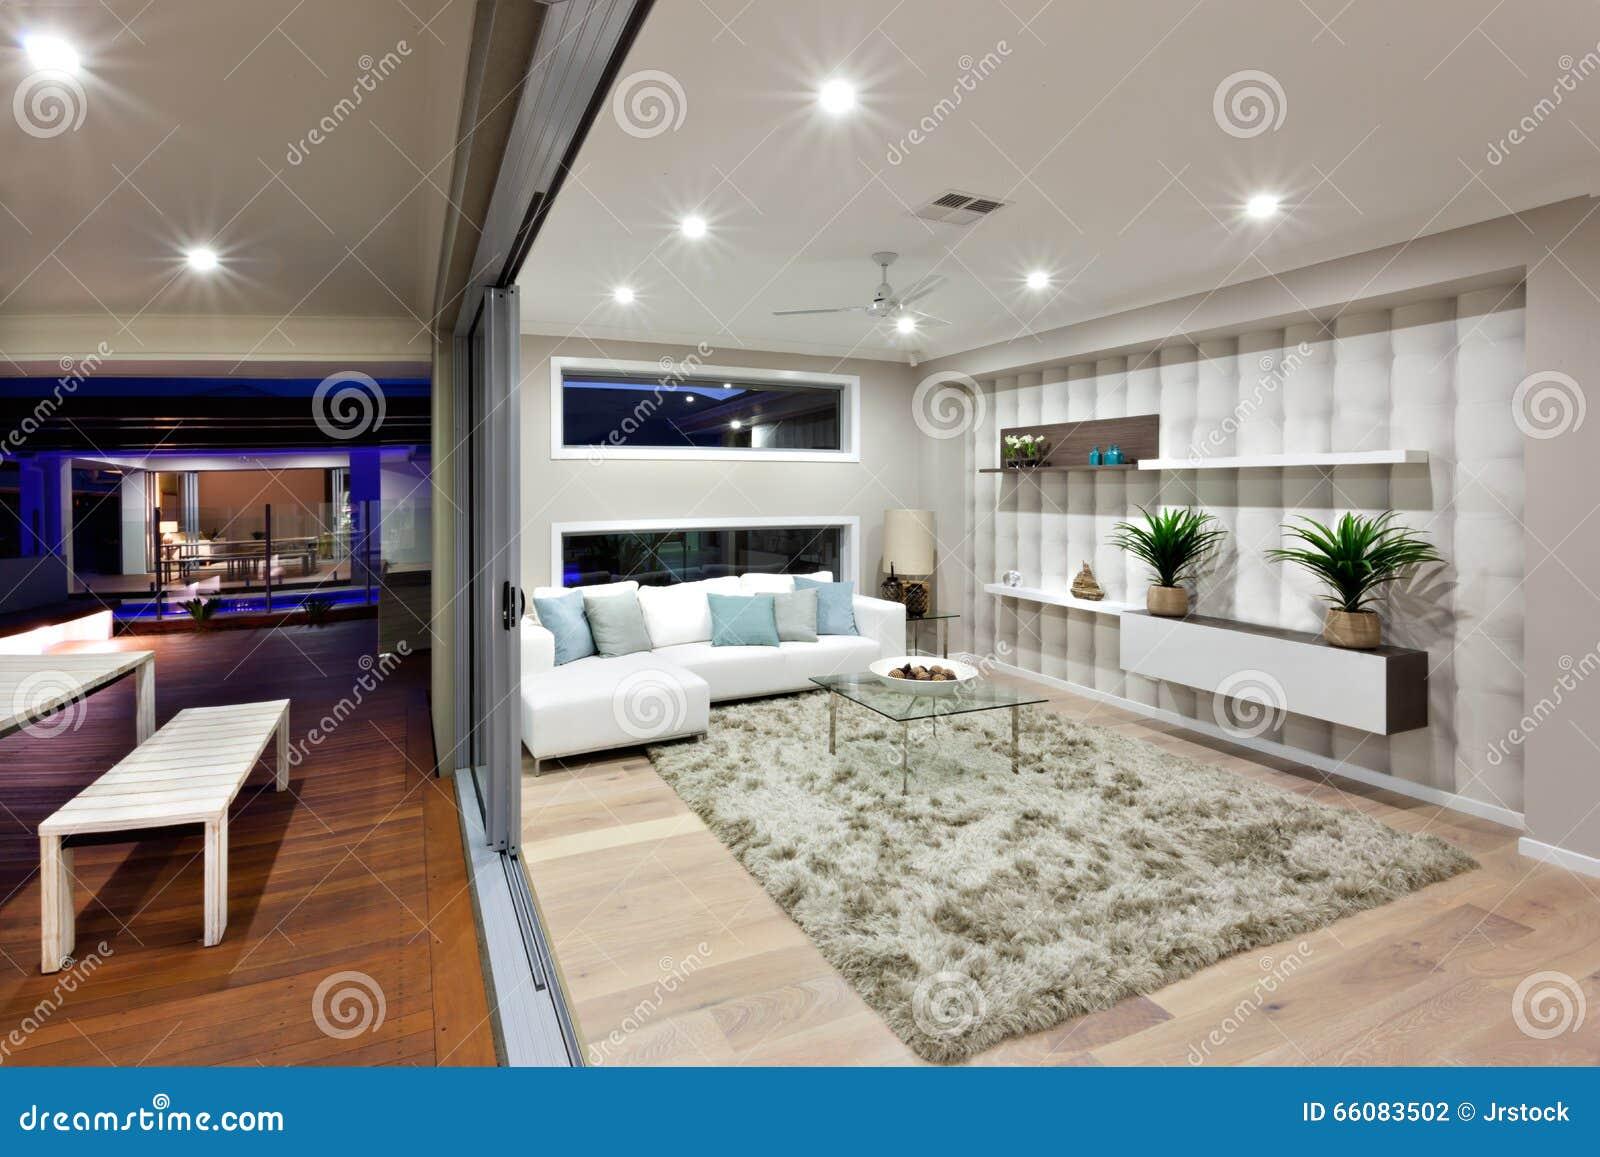 Illuminazione Moderna Casa: Illuminazione di un soggiorno moderno: 5 ...